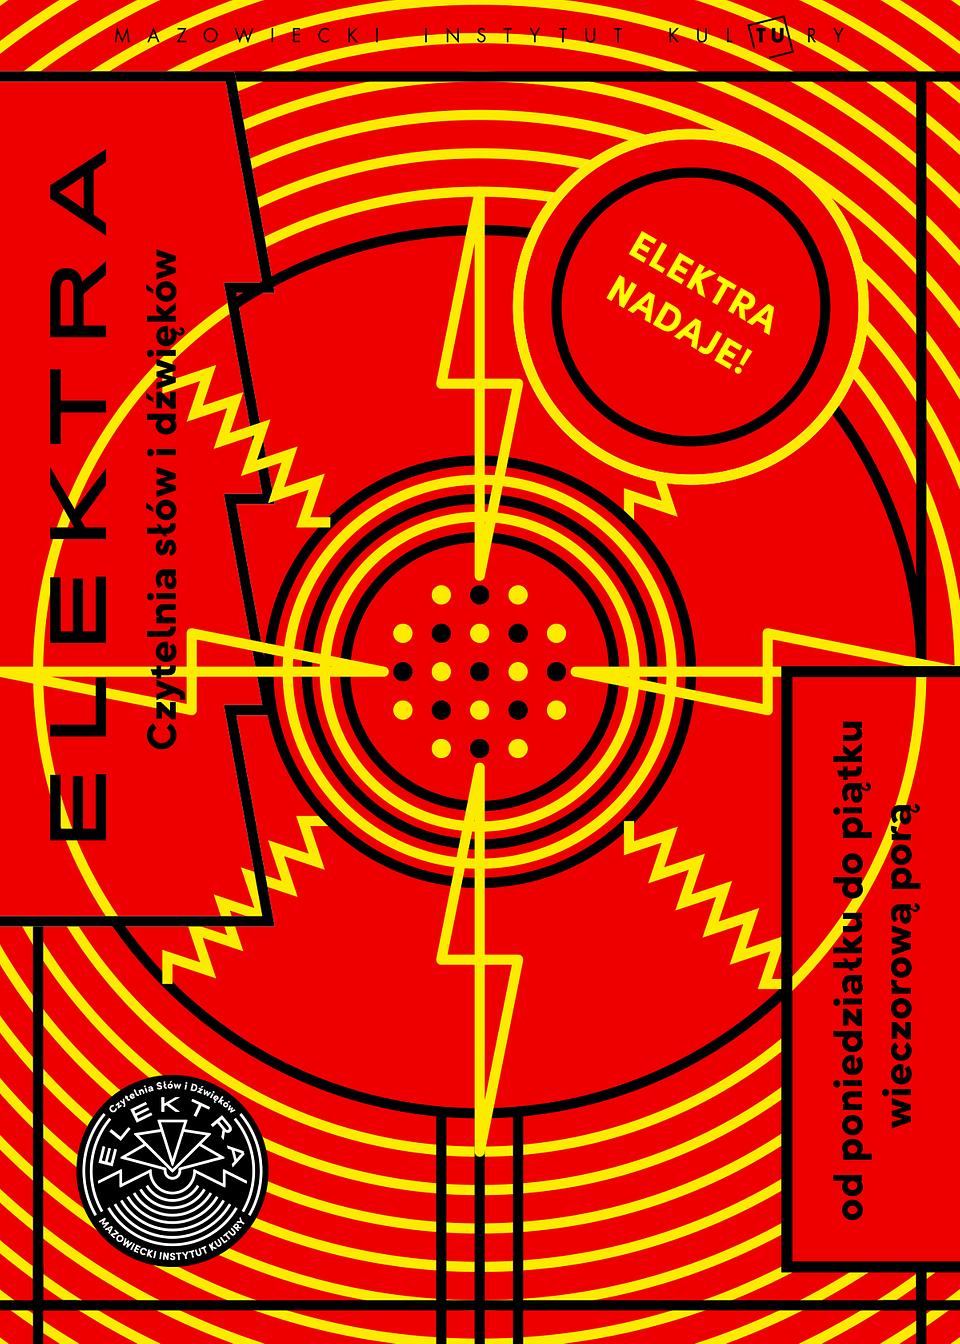 plakaty_elektra_nadaje.png